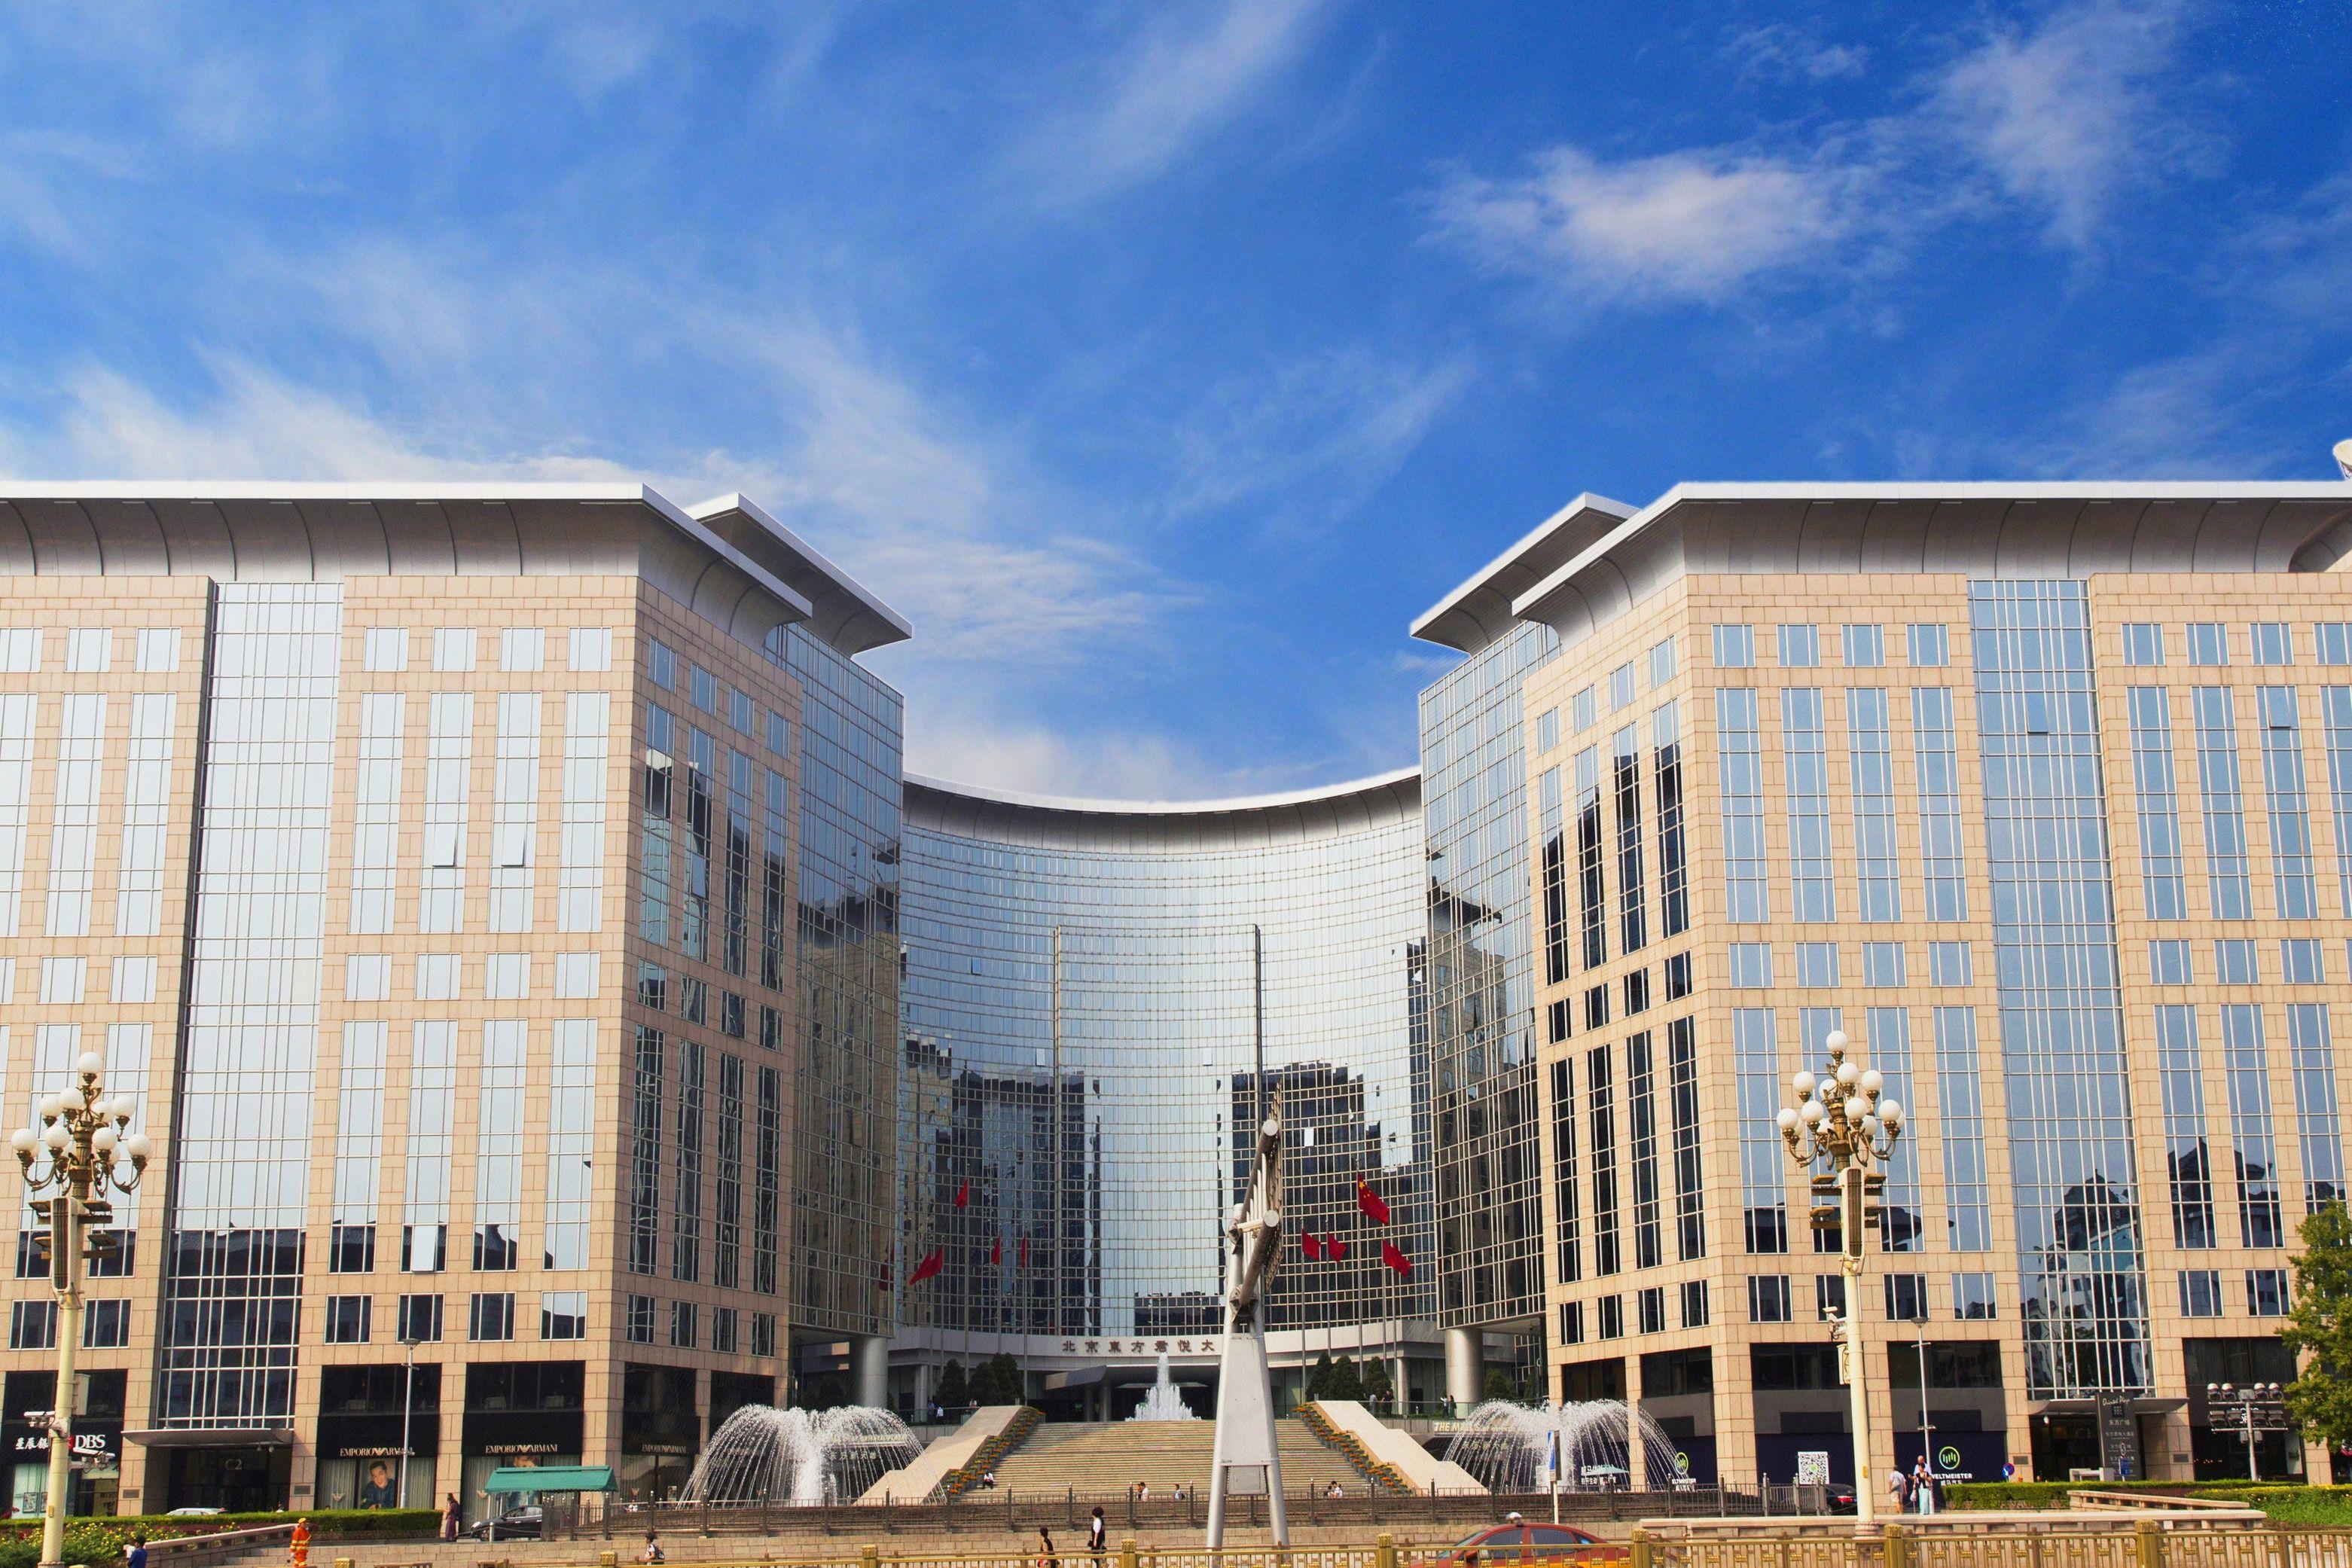 东方君悦大酒店地址_hahan_yyyt: 东方君悦大酒店\\\\n\\\\n去北京旅游订的 地址位置很不错\\\\n